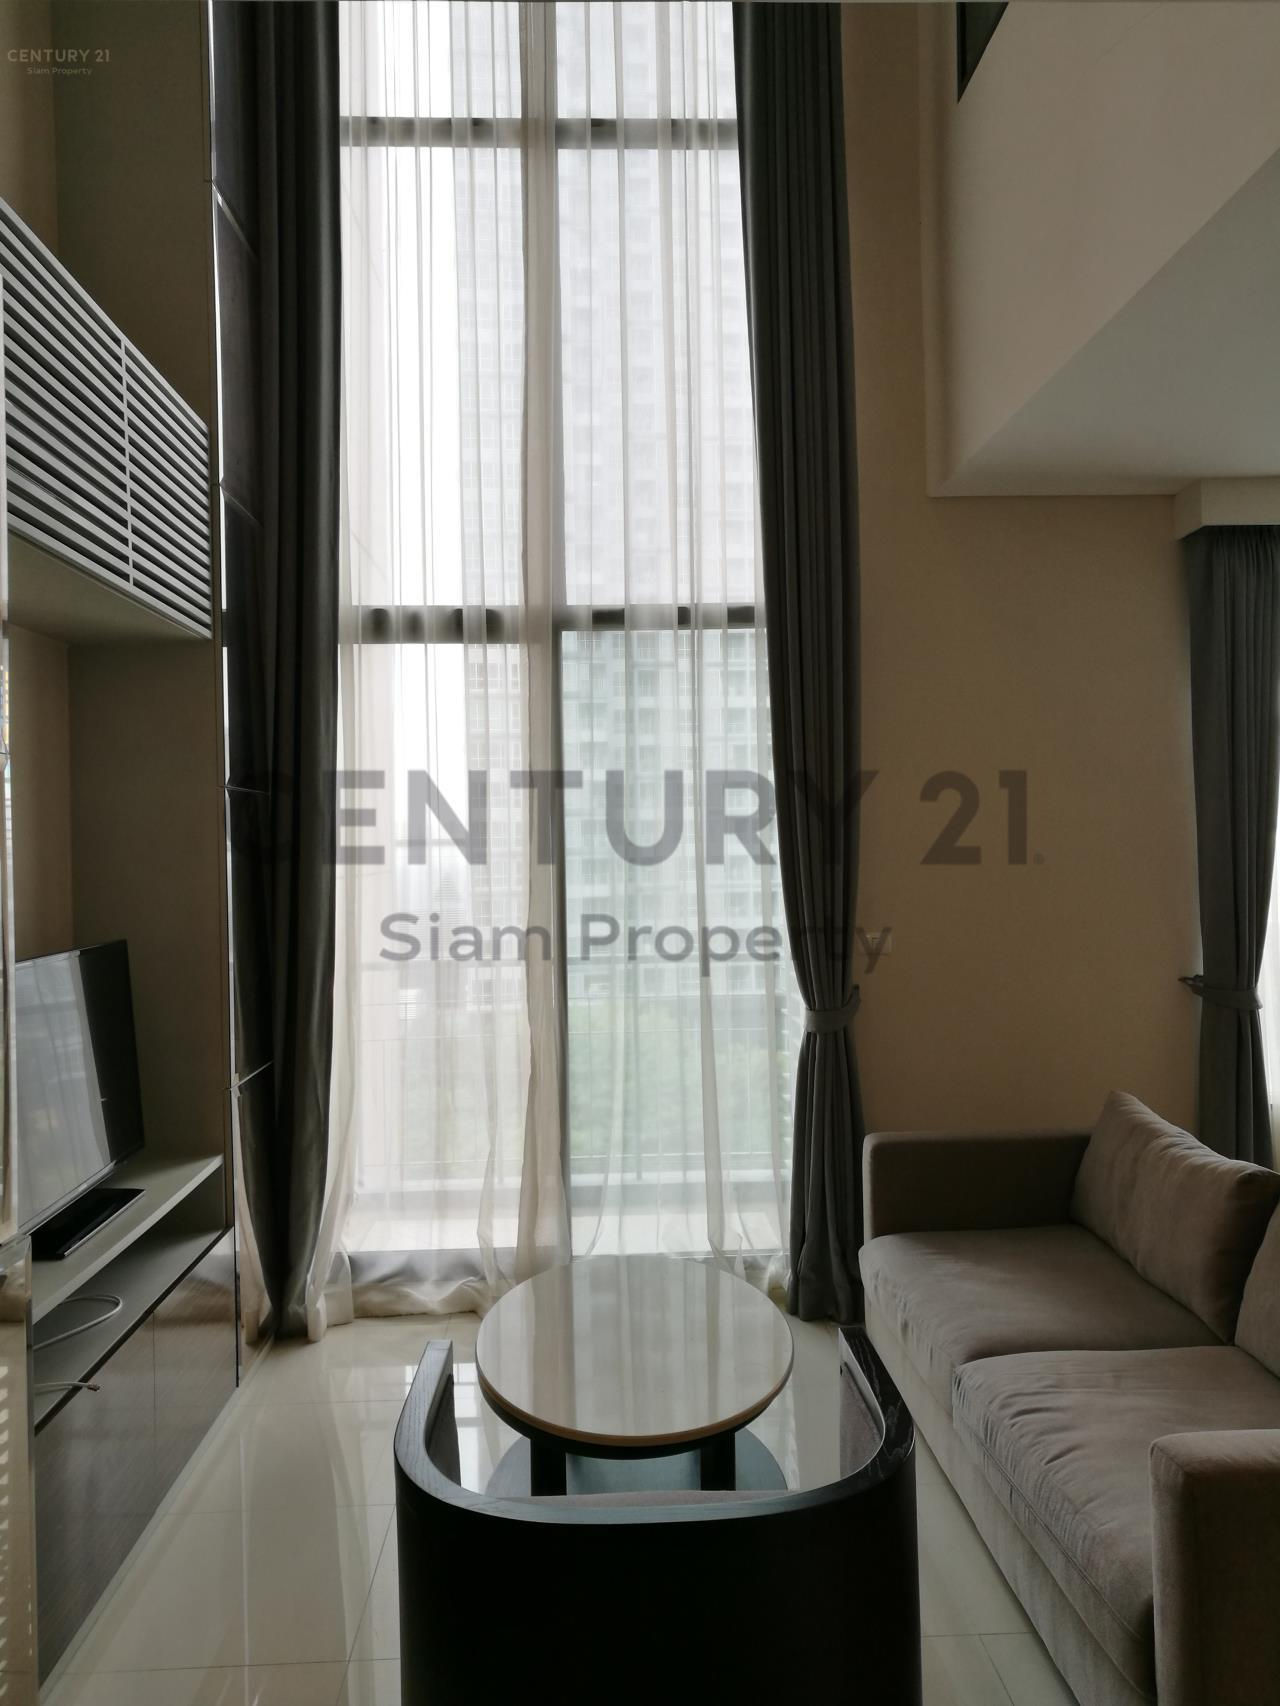 Century21 Siam Property Agency's Villa Asoke 12